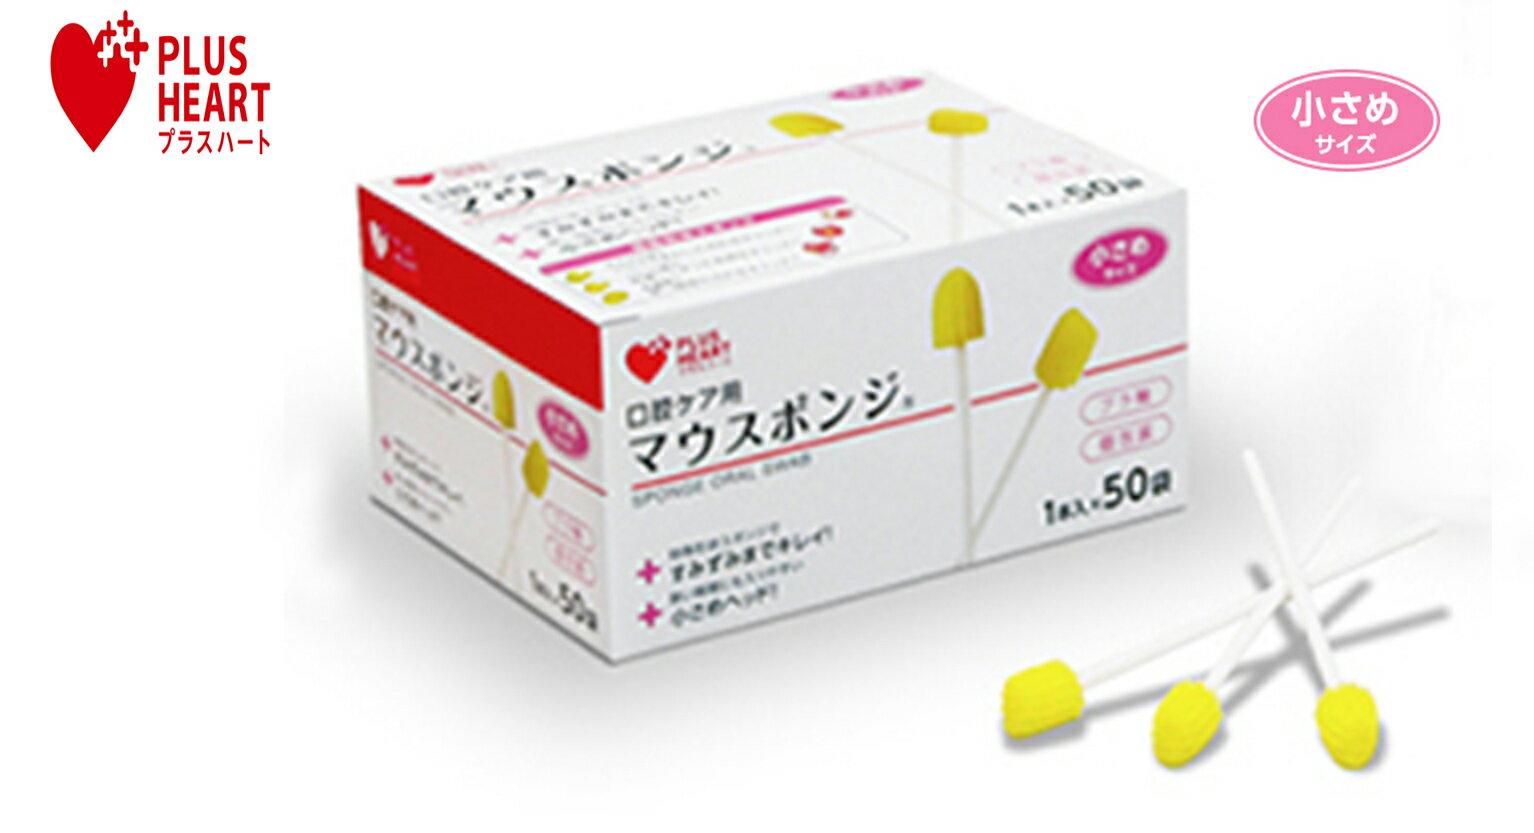 マウスポンジ 小さめサイズ 1本入50袋 74408 PLUSHEART(プラスハート) オオサキメディカル 口腔(口の中)用スポンジブラシ